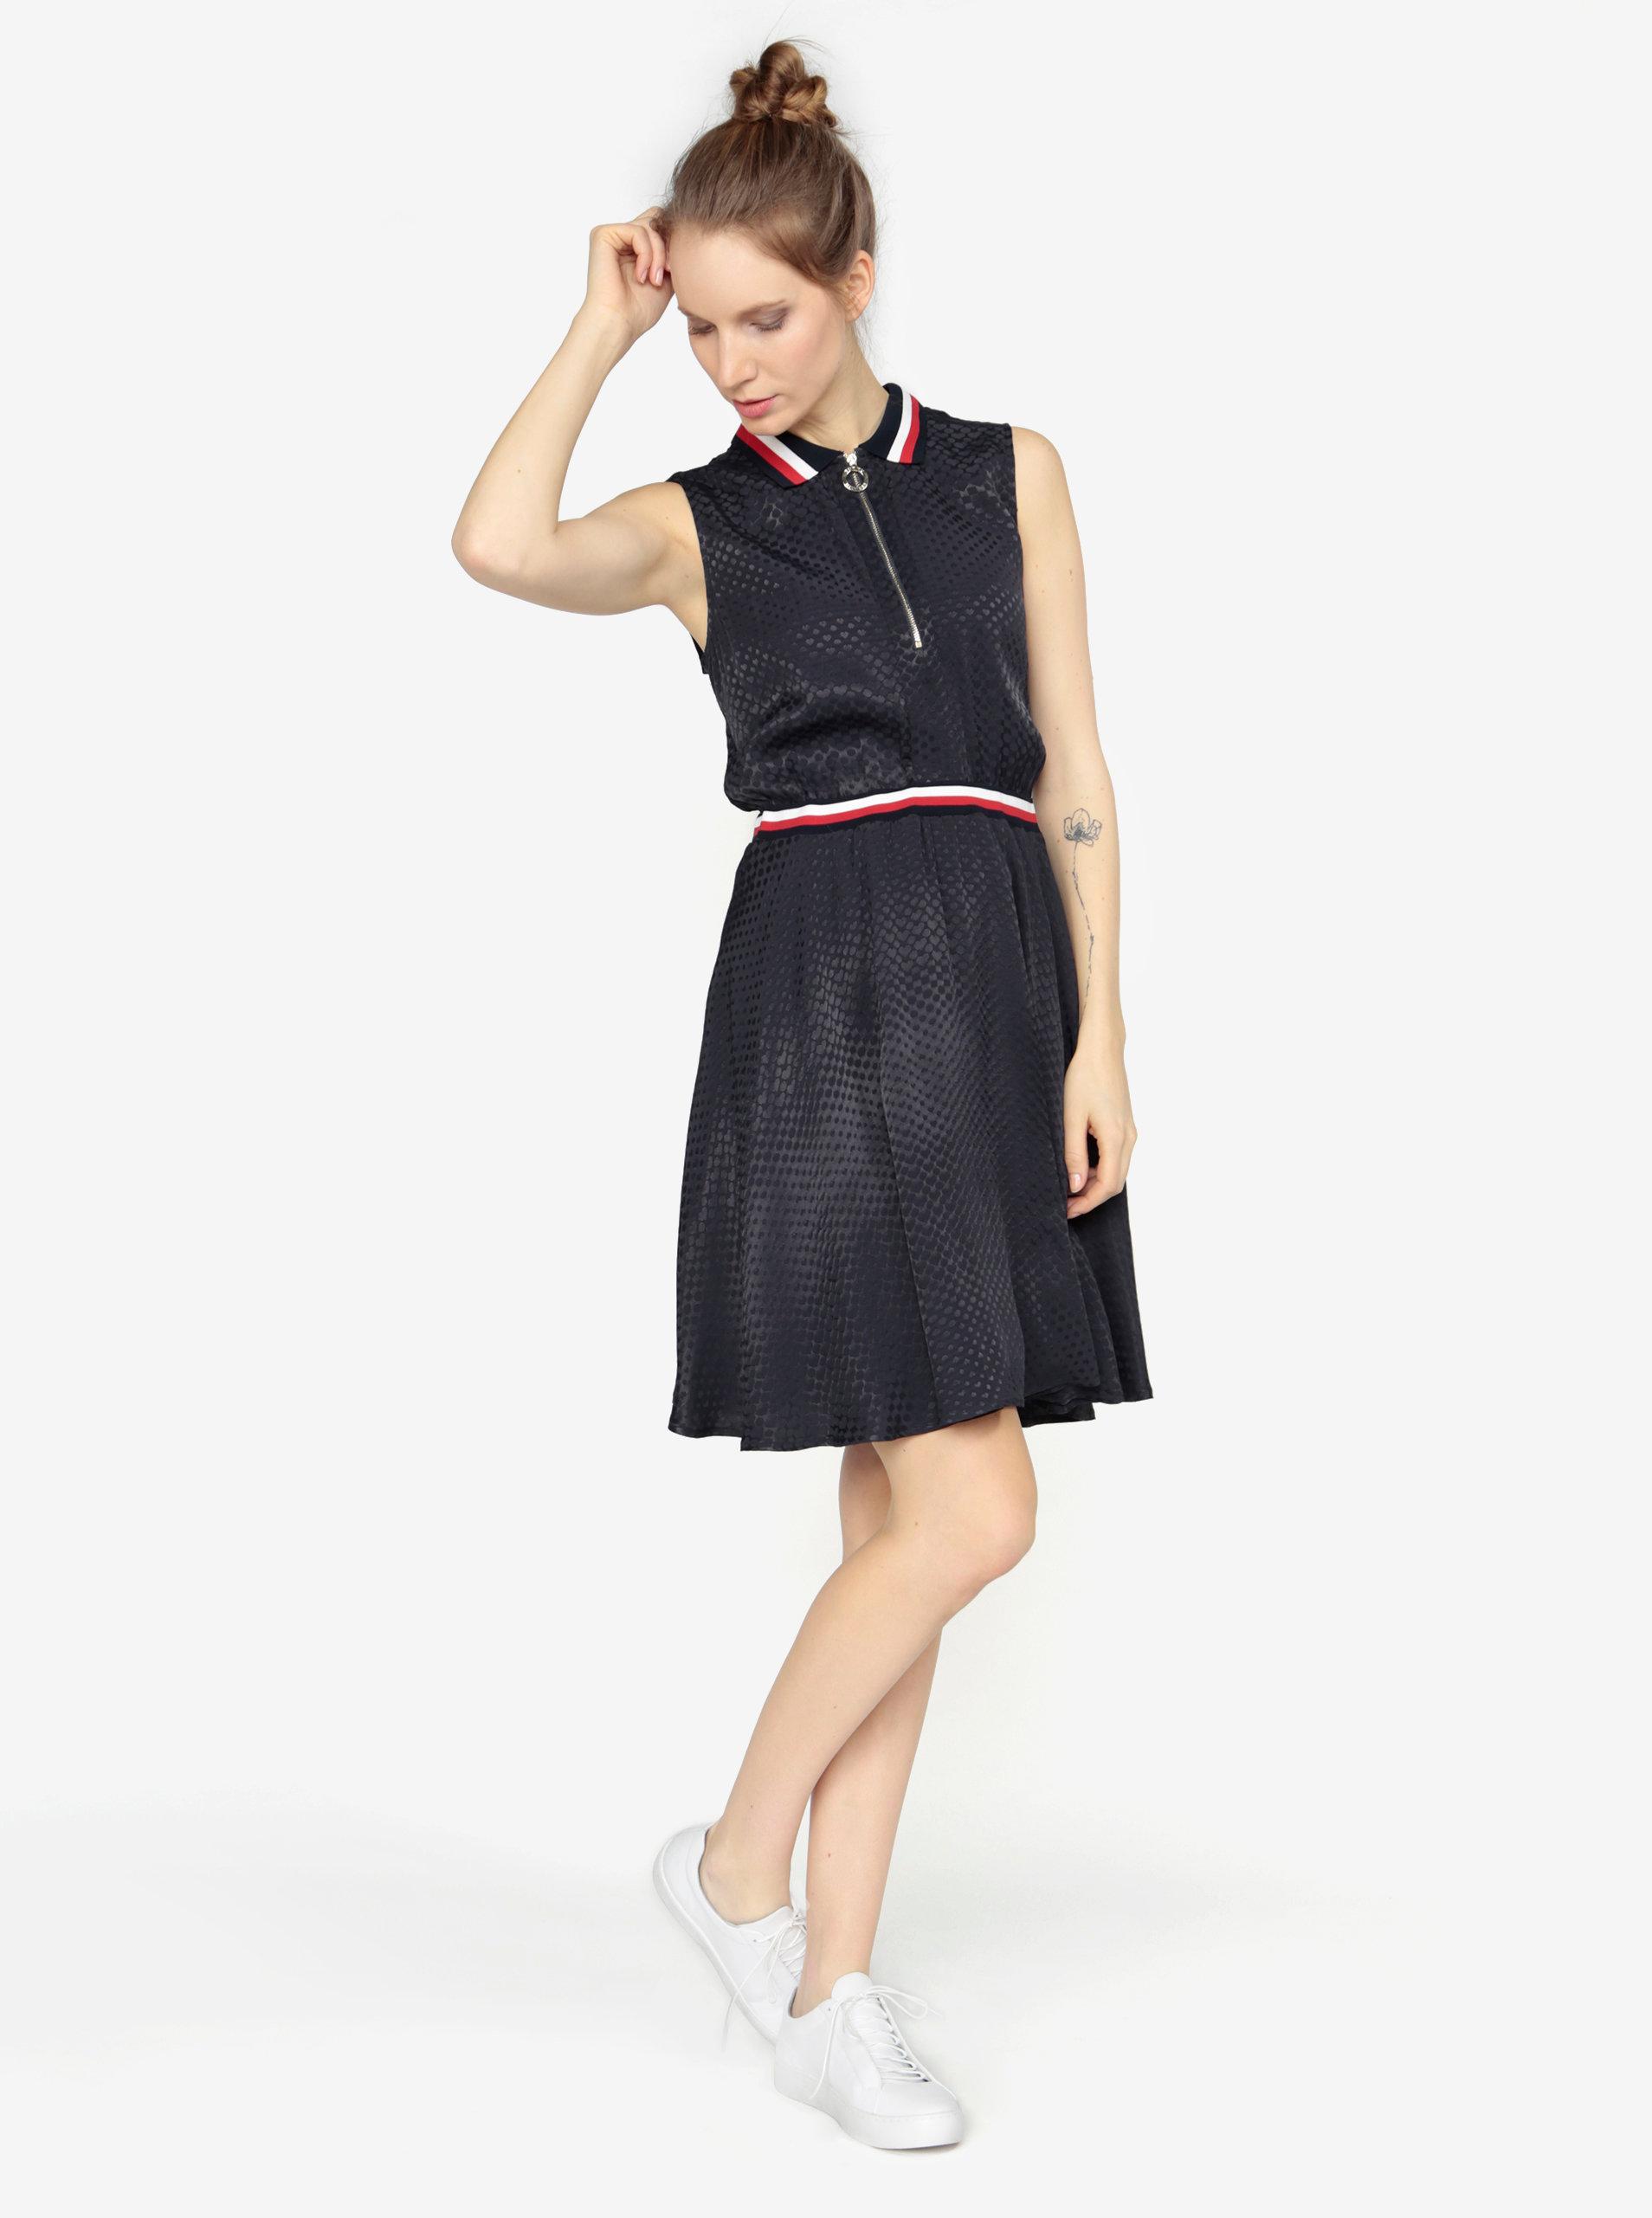 Tmavomodré šaty bez rukávov Tommy Hilfiger ... 1862795d561